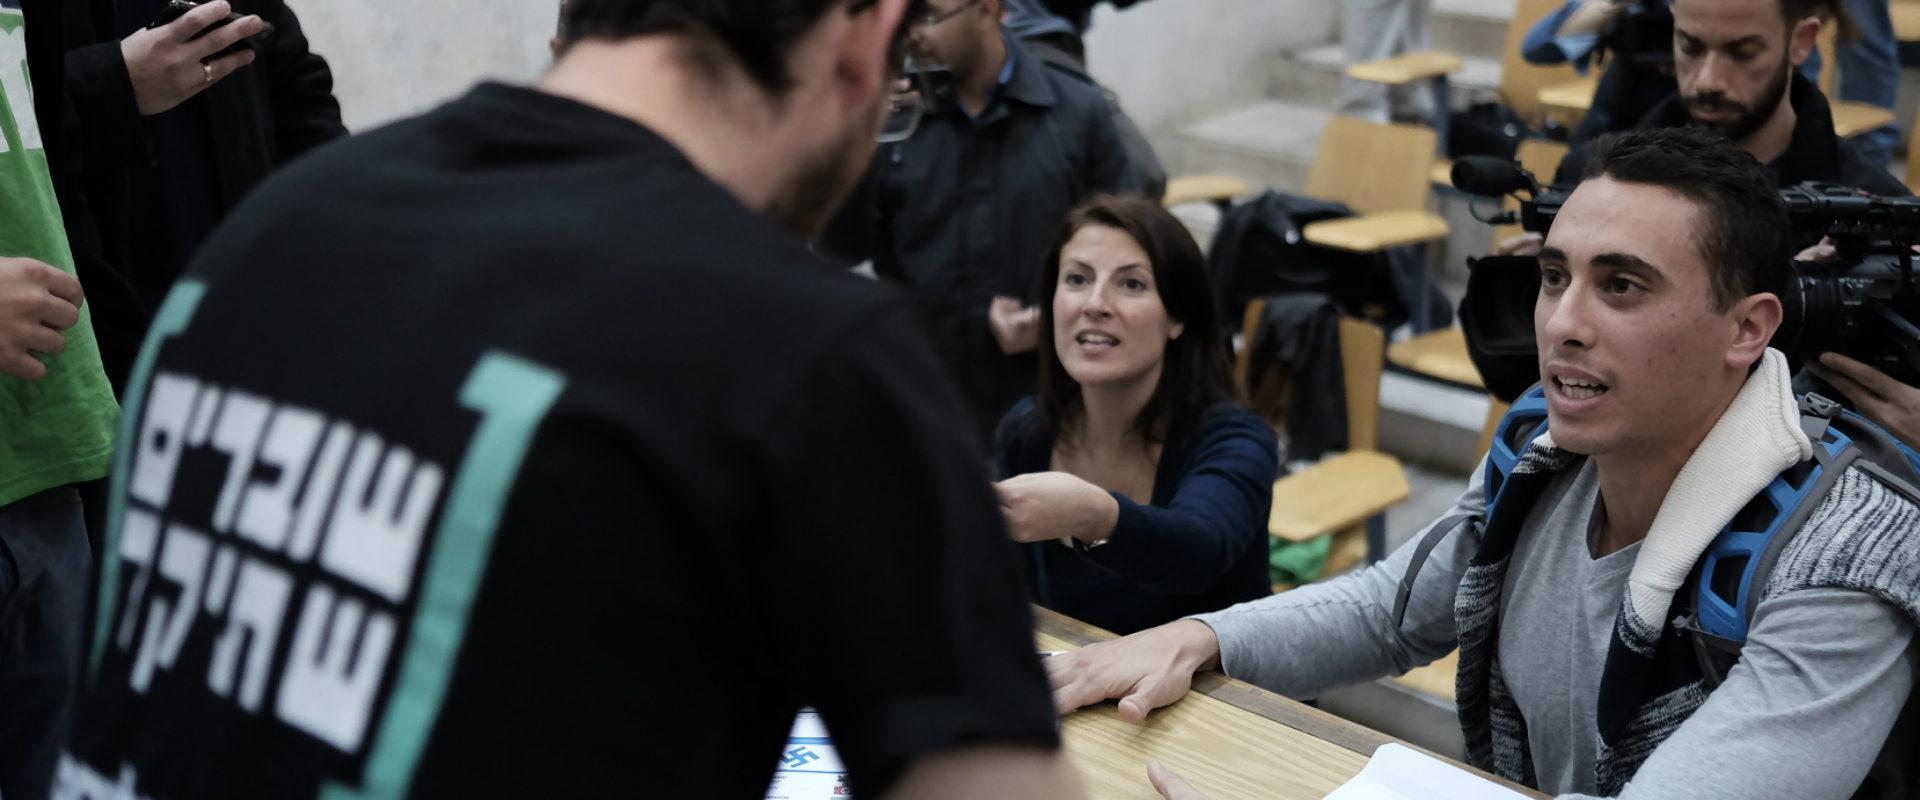 שוברים שתיקה בפעילות באוניברסיטת תל אביב